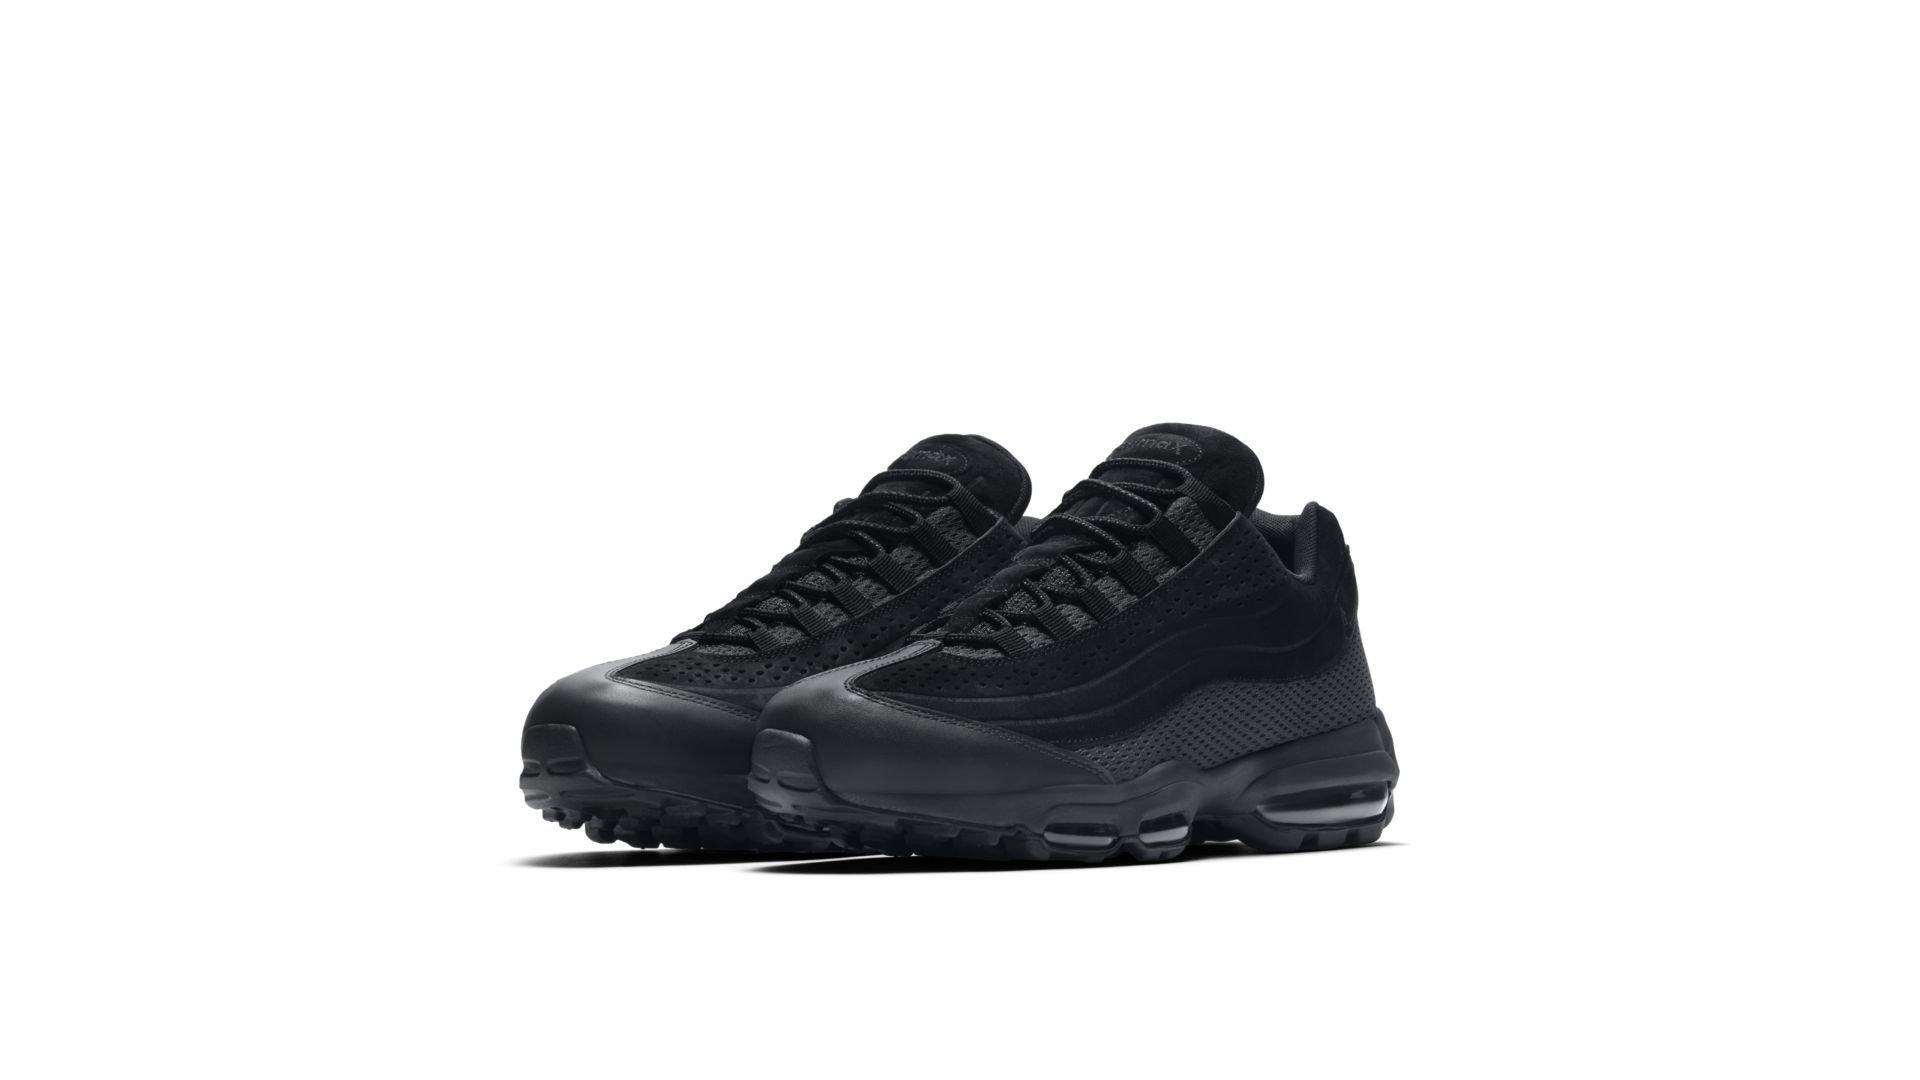 quality design e9764 09bfb Nike Air Max 95 Ultra Premium BR 'Black' (AO2438-002)